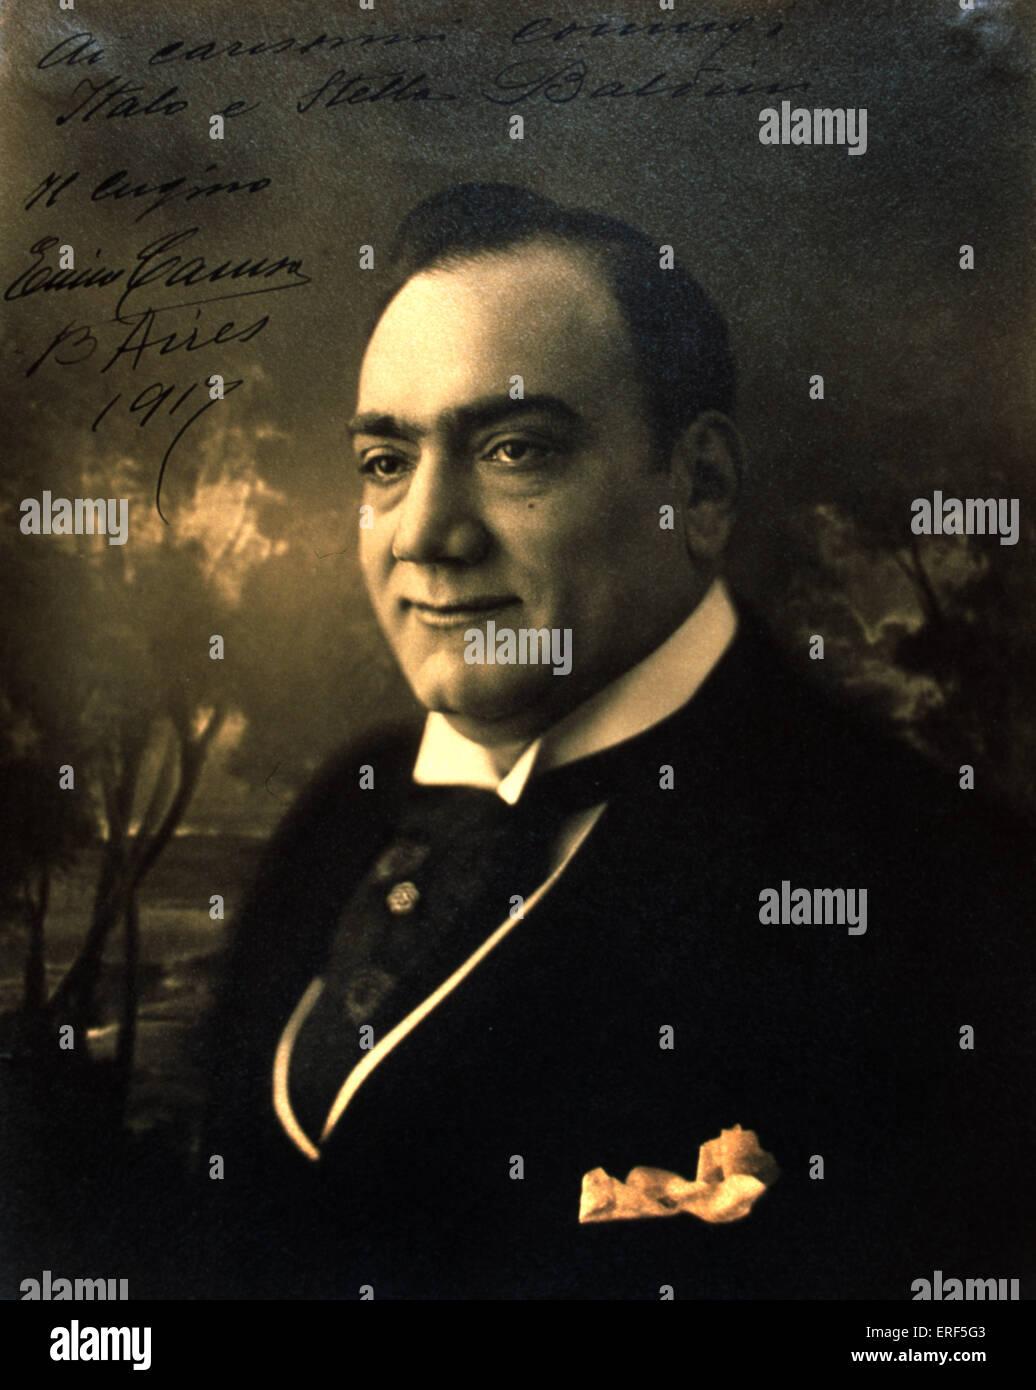 CARUSO, Enrico - signed photo, 1917 Italian Tenor, 1873-1921 Stock Photo